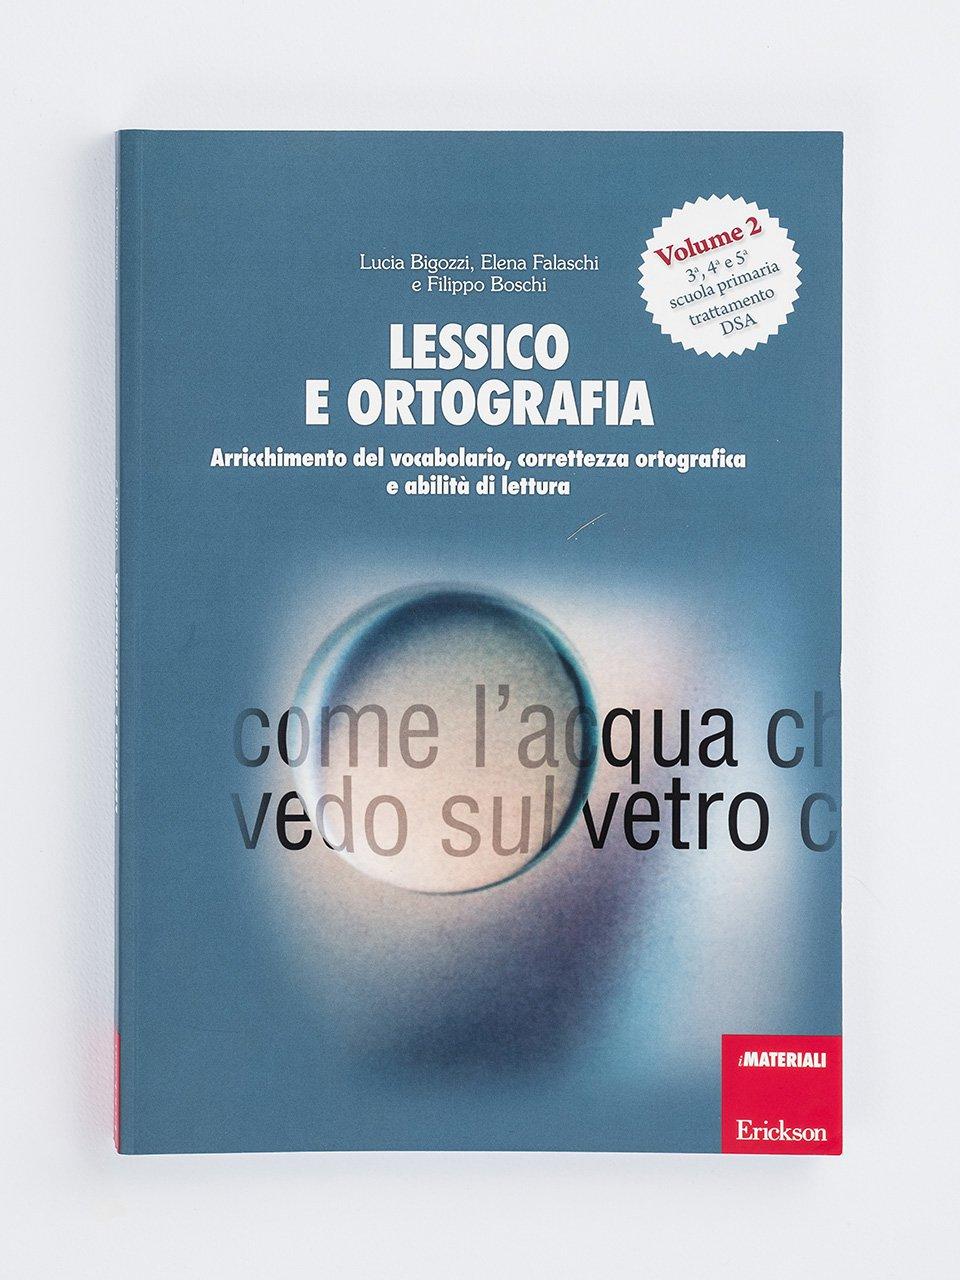 Lessico e ortografia - Volume 2 - Sillabe in gioco - Giochi - Erickson 2